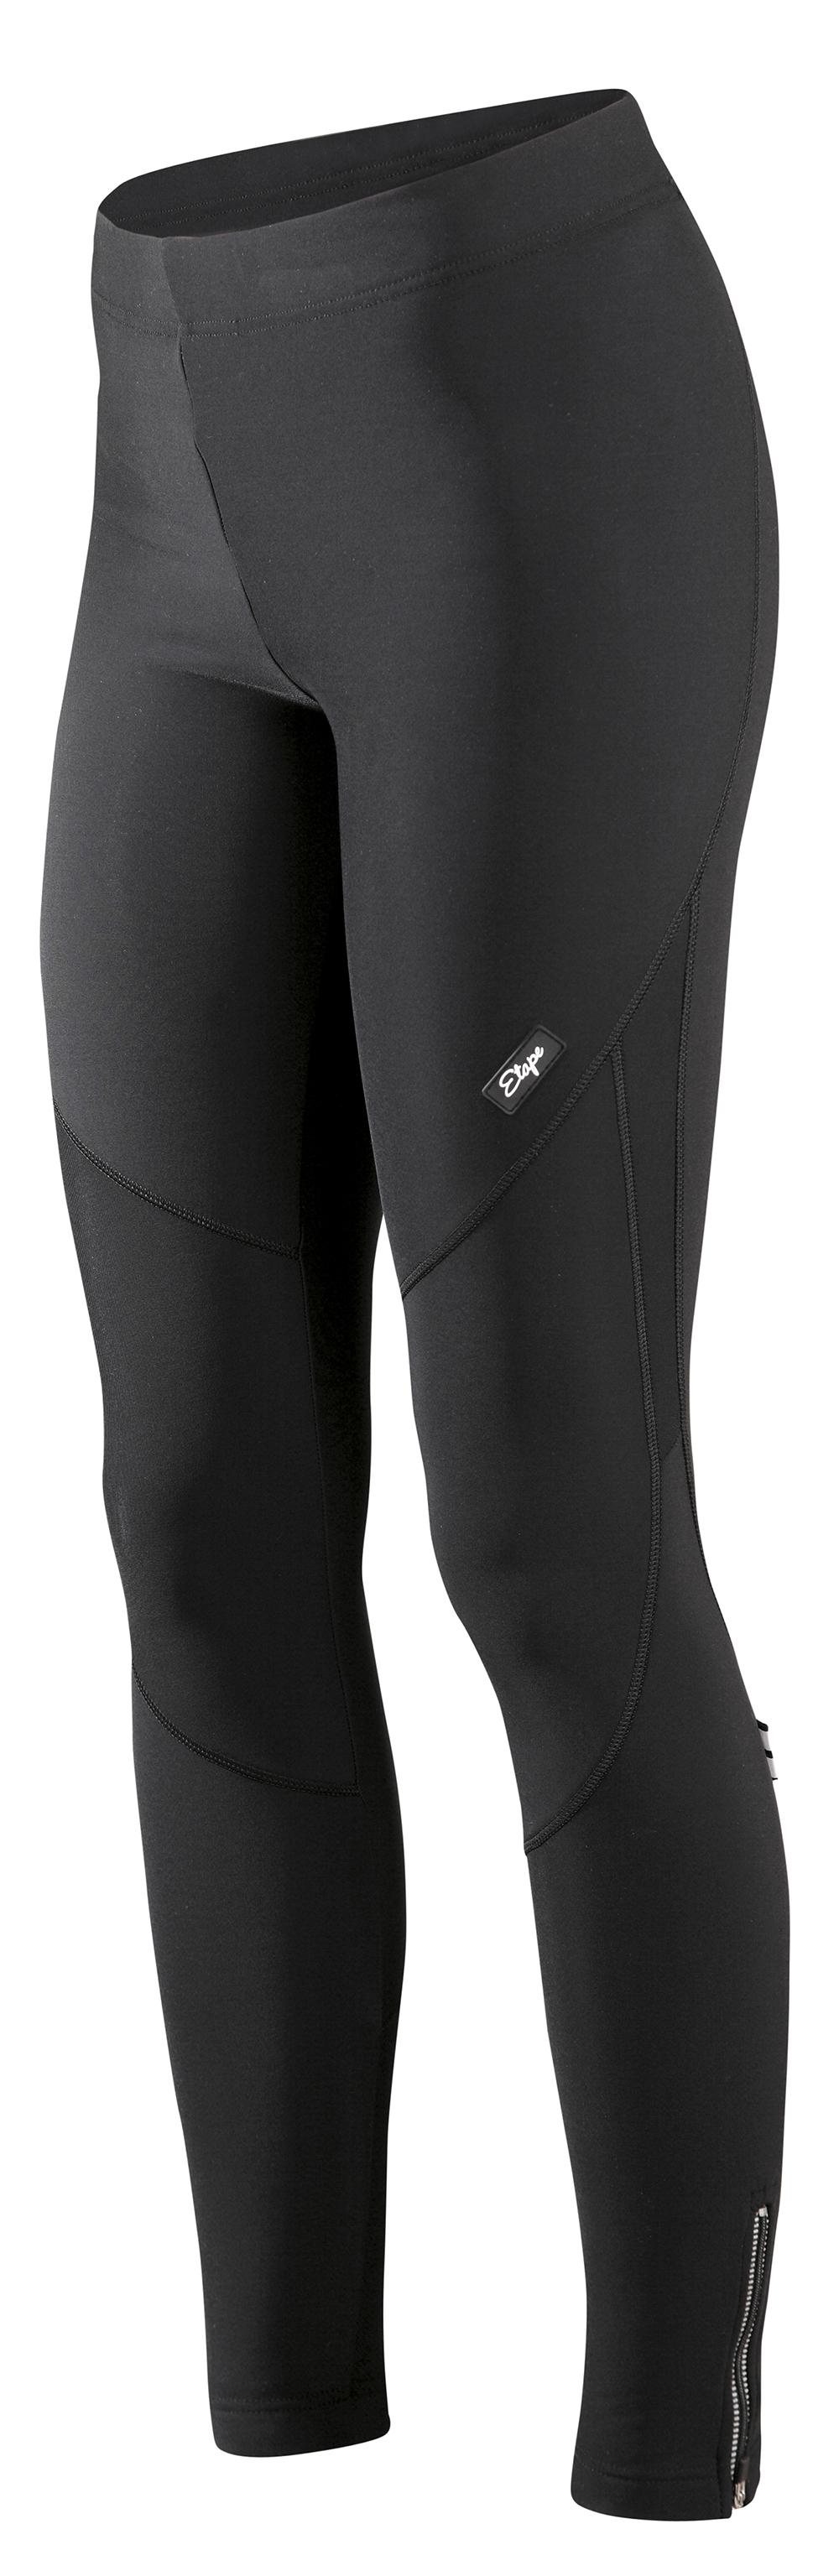 Dámské cyklistické kalhoty ETAPE Lady long, vel. XL, černá, s vložkou model 2017 (Dámské cyklistické kalhoty Etape, s dámskou elastickou vložkou )